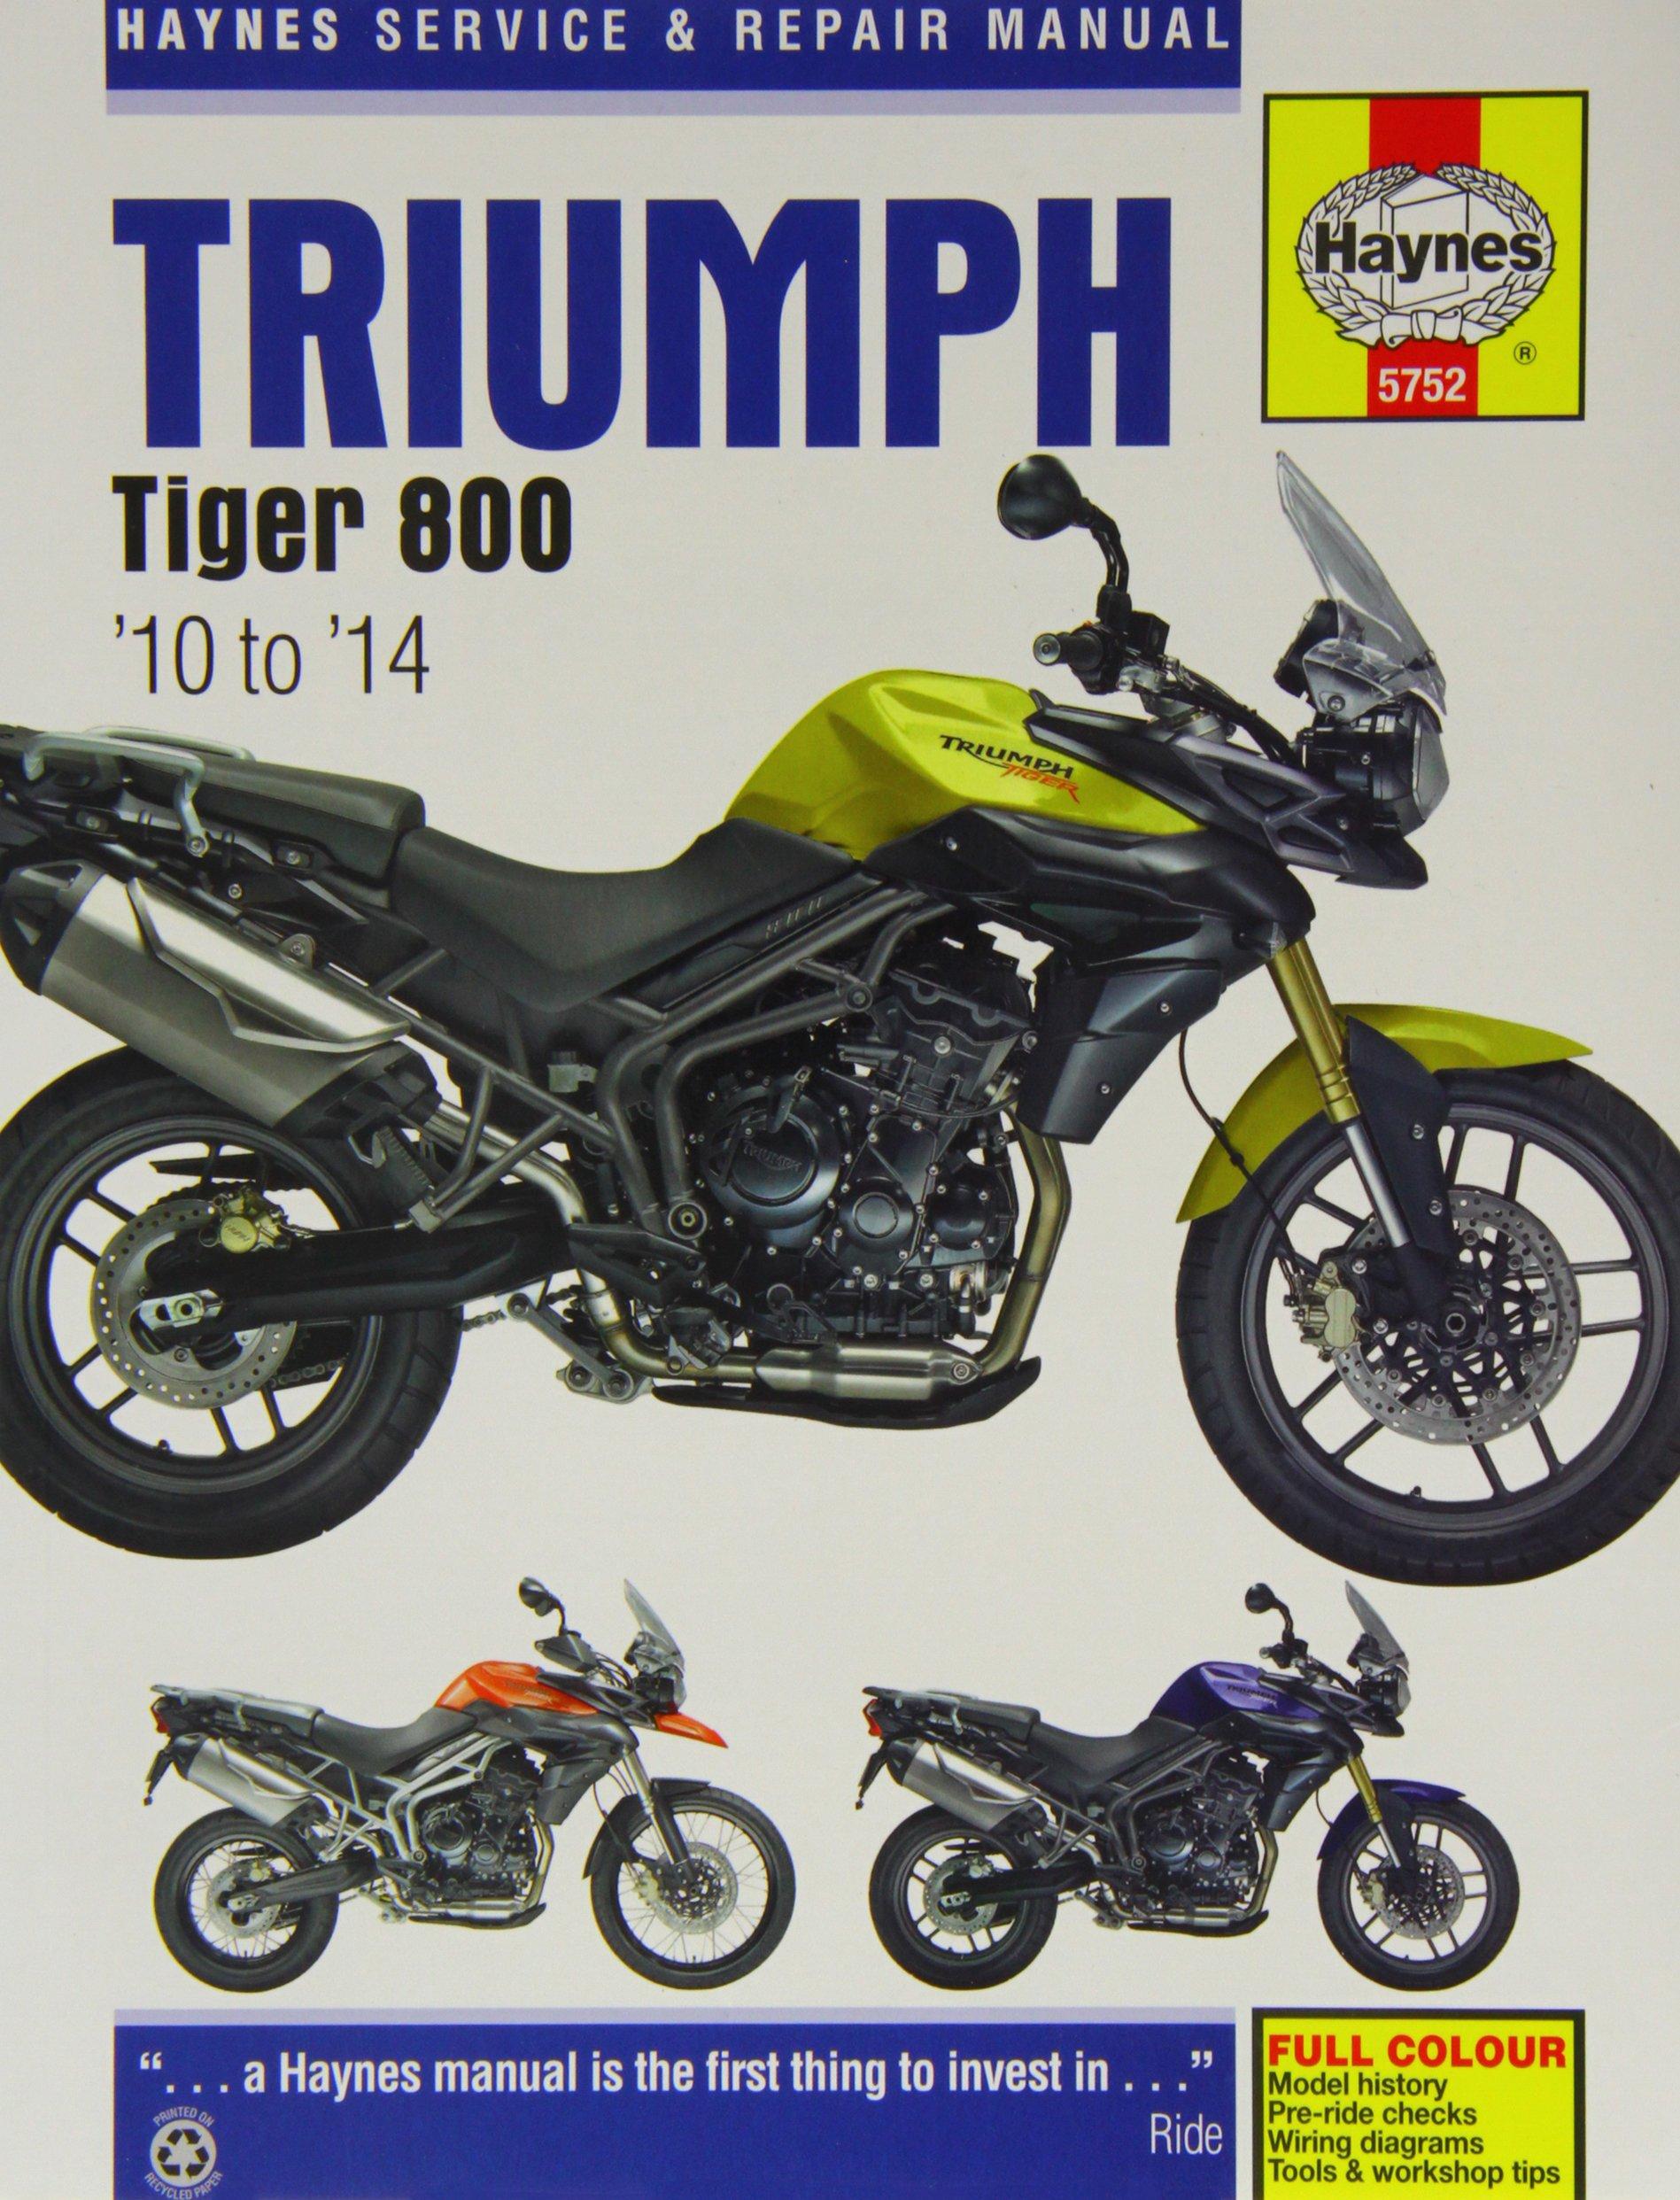 Triumph Tiger 800 Service and Repair Manual: 2010 - 2014 (Haynes ...